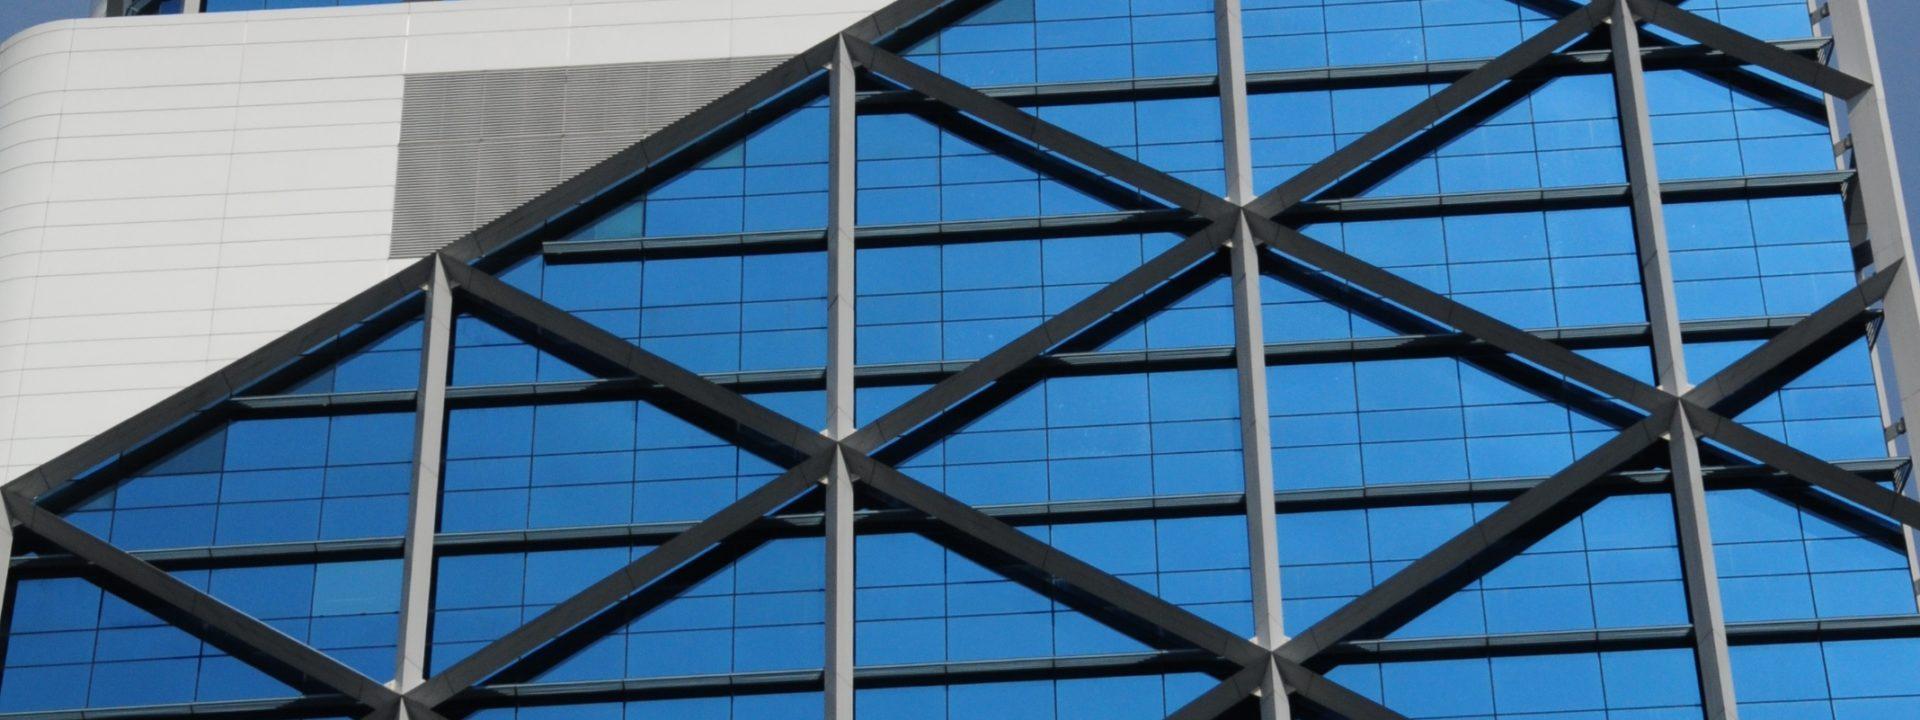 Smart glazing